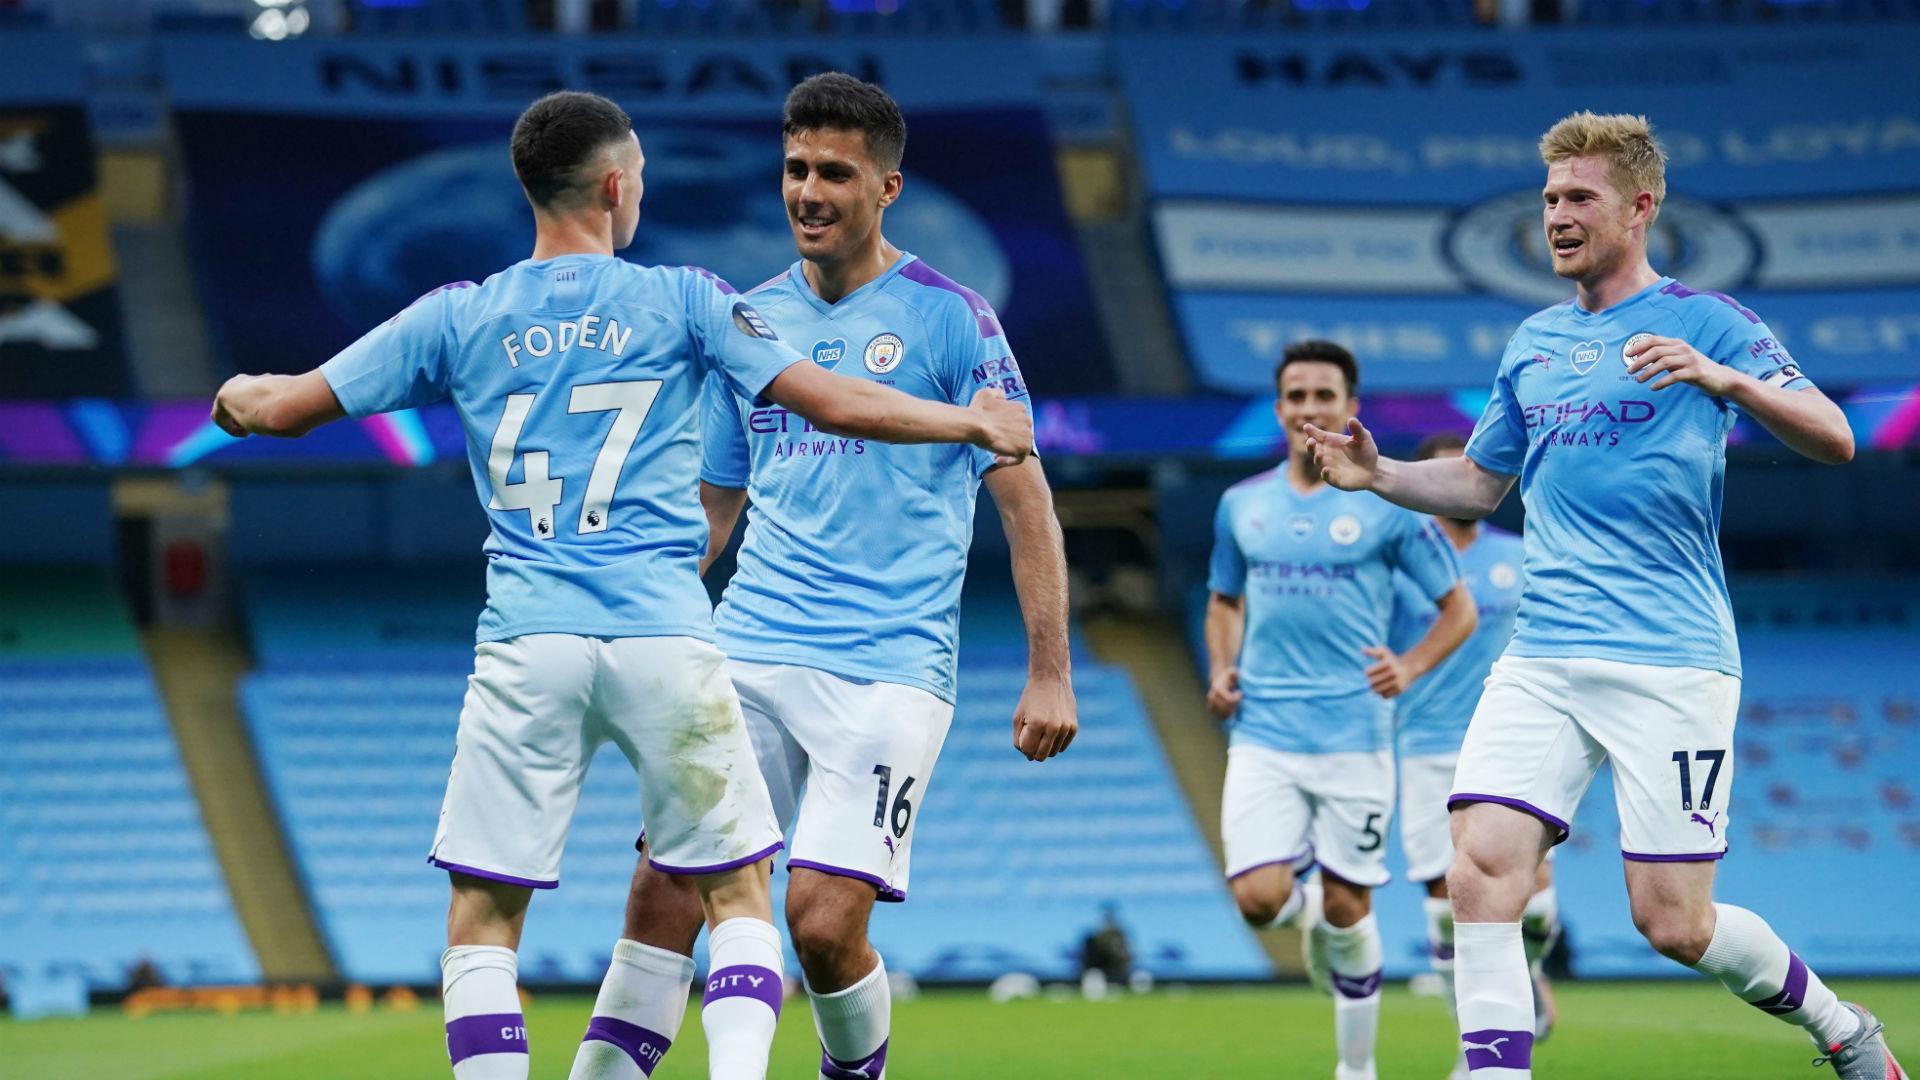 Manchester City V Liverpool Match Report 02 07 2020 Premier League Goal Com